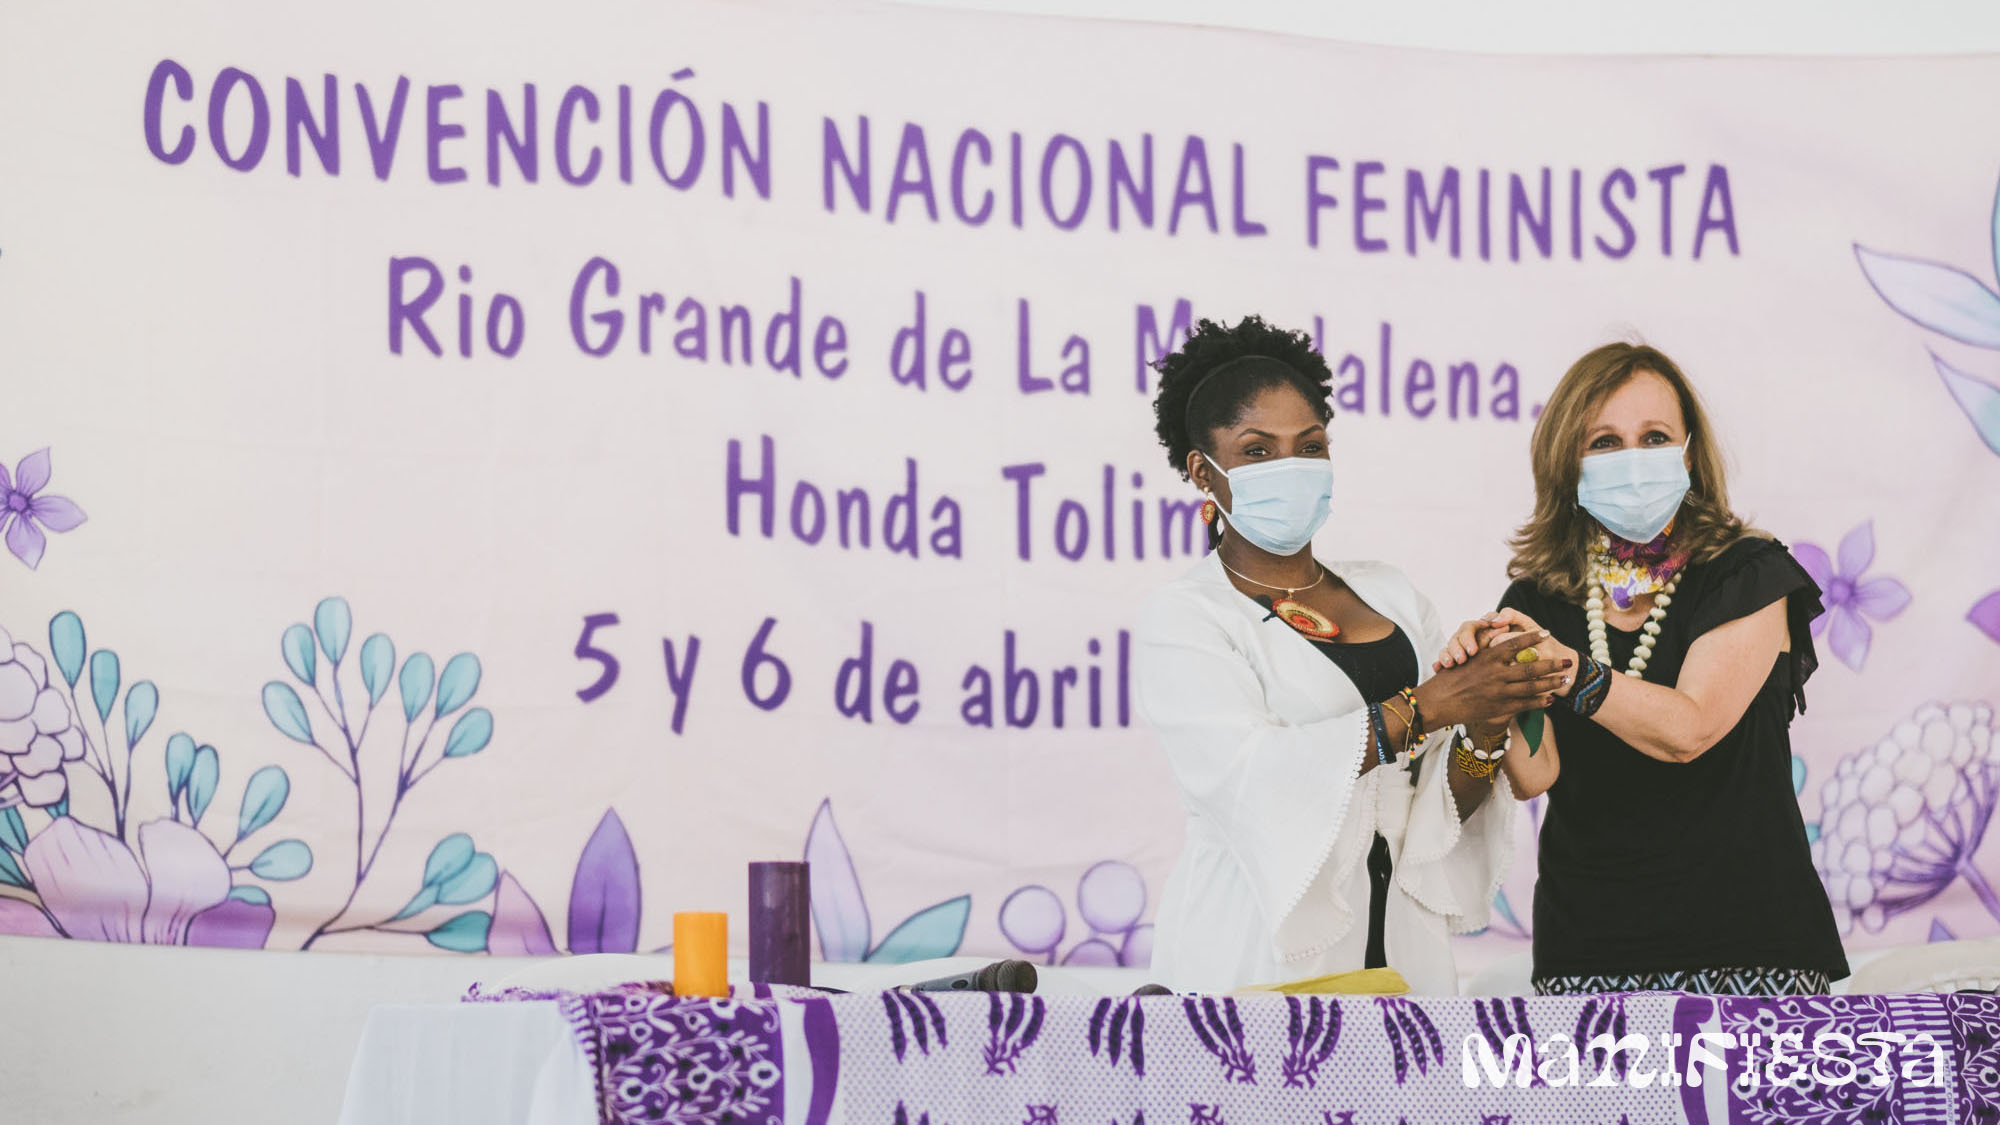 Listas para transformar: así vivimos la Convención Nacional Feminista